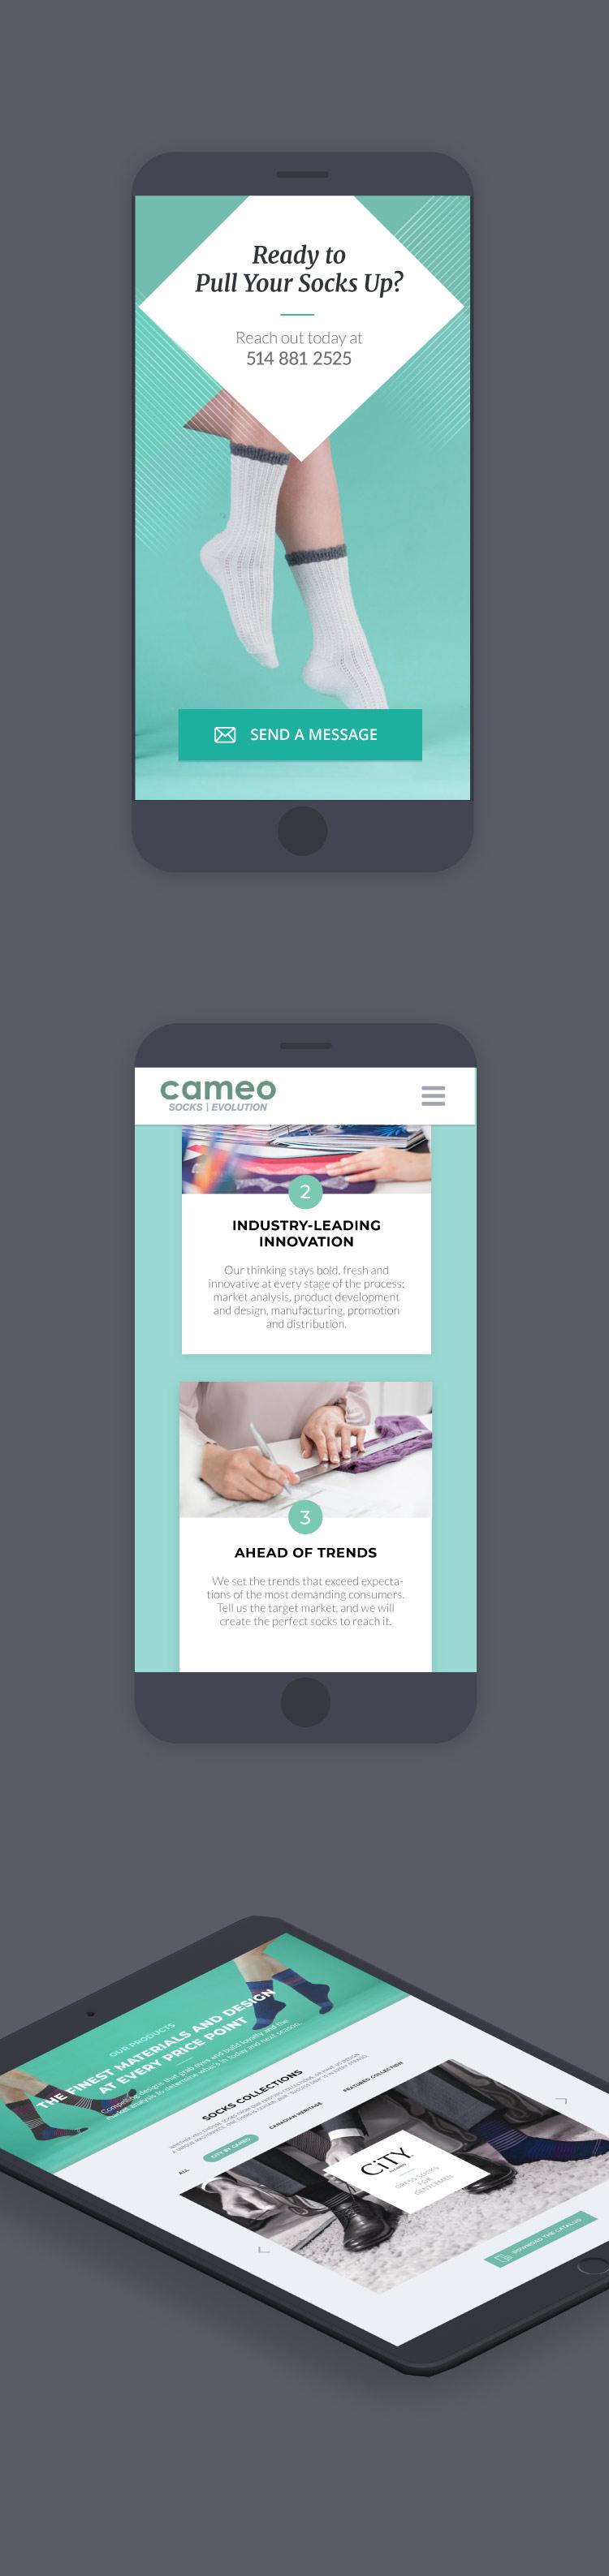 socks manufacturer website mobile version design